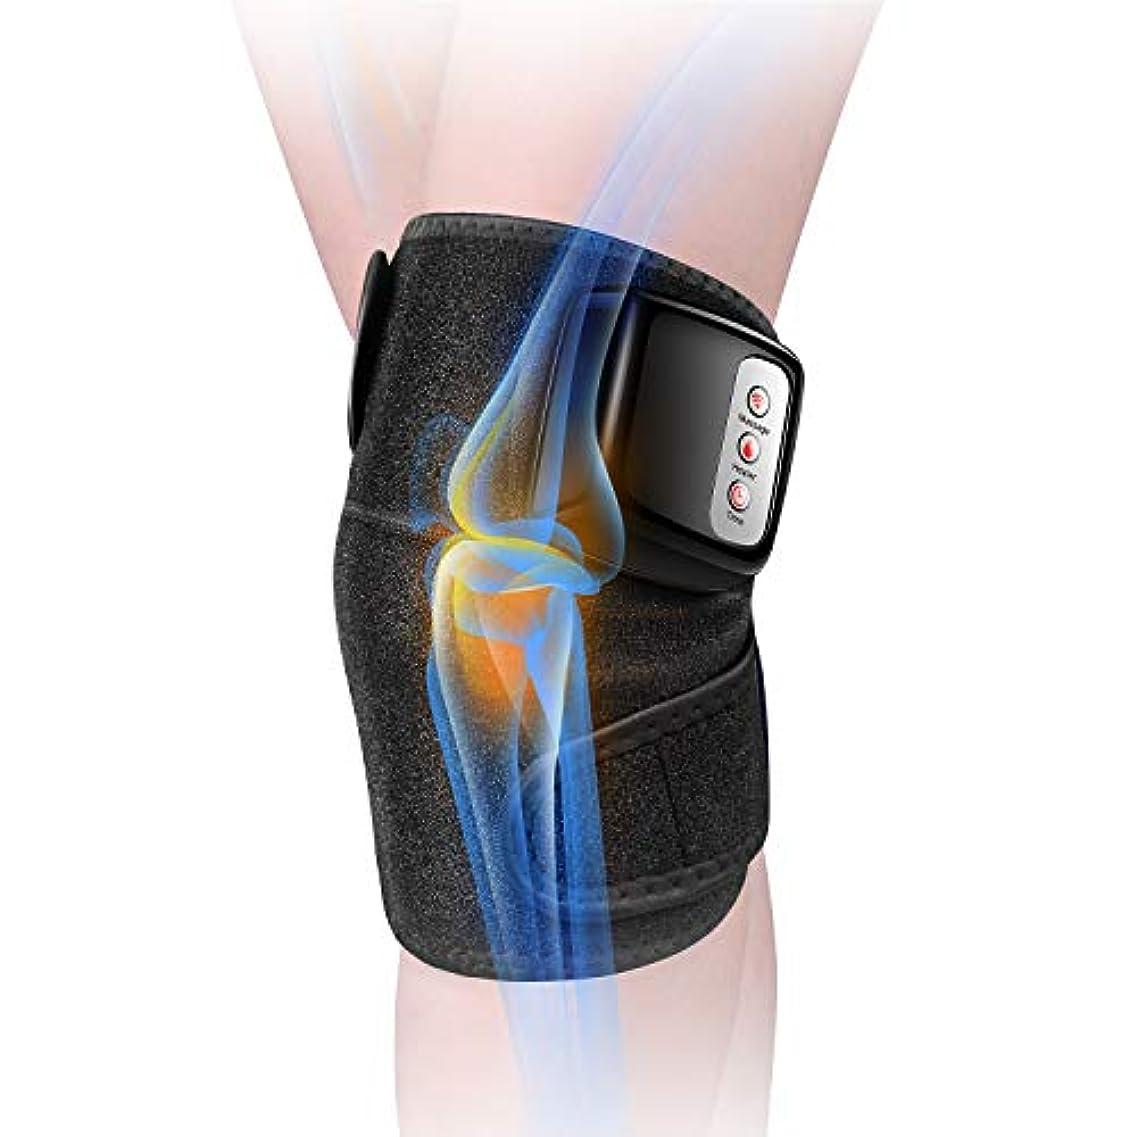 触覚分析する強制的膝マッサージャー 関節マッサージャー マッサージ器 フットマッサージャー 振動 赤外線療法 温熱療法 膝サポーター ストレス解消 肩 太もも/腕対応